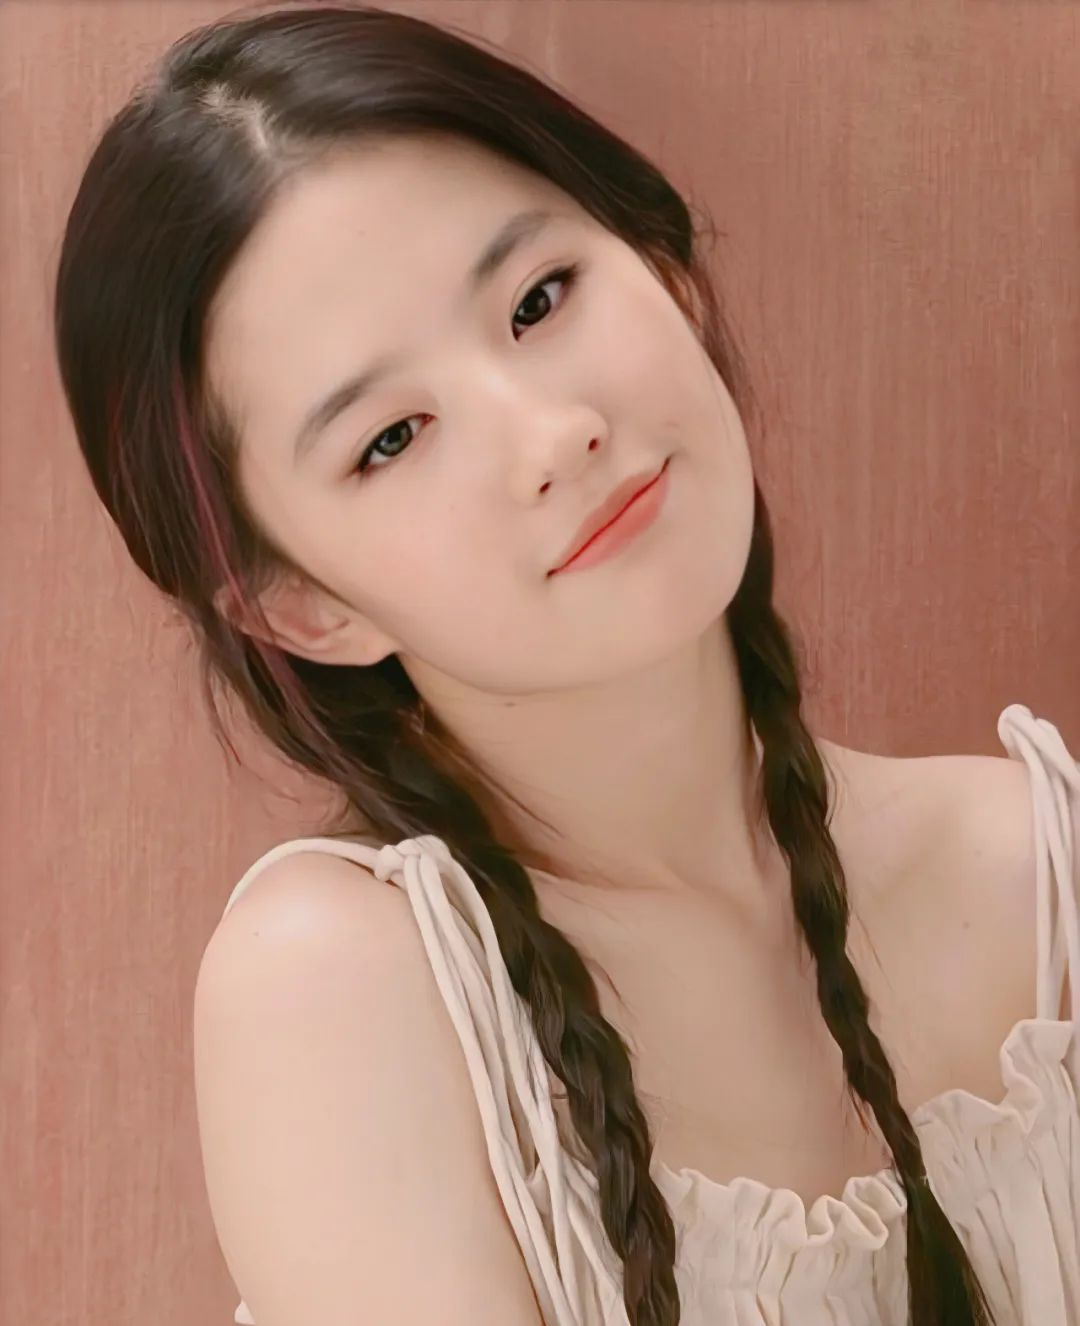 刘亦菲18岁写真,麻花辫眼若秋水,面若桃花,极致动人!_图片 No.6